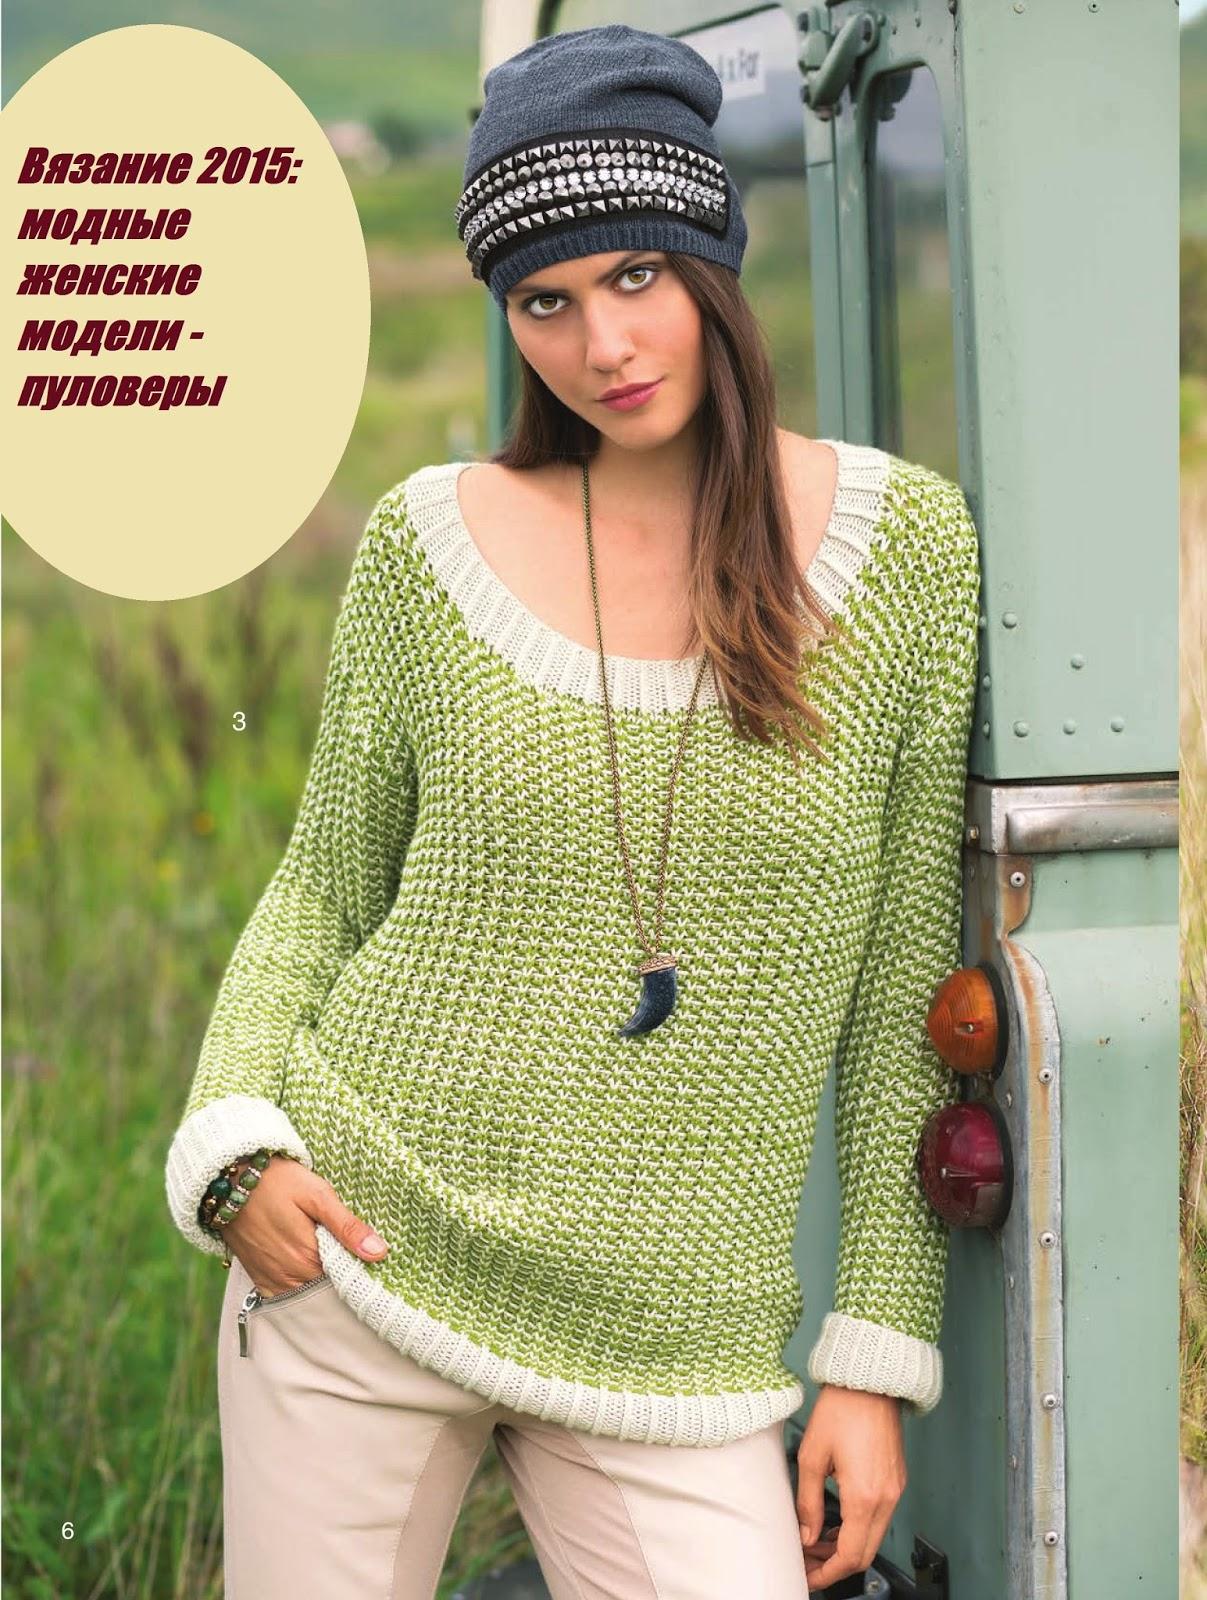 Вязание: женские модели 2015: пуловер и жакет